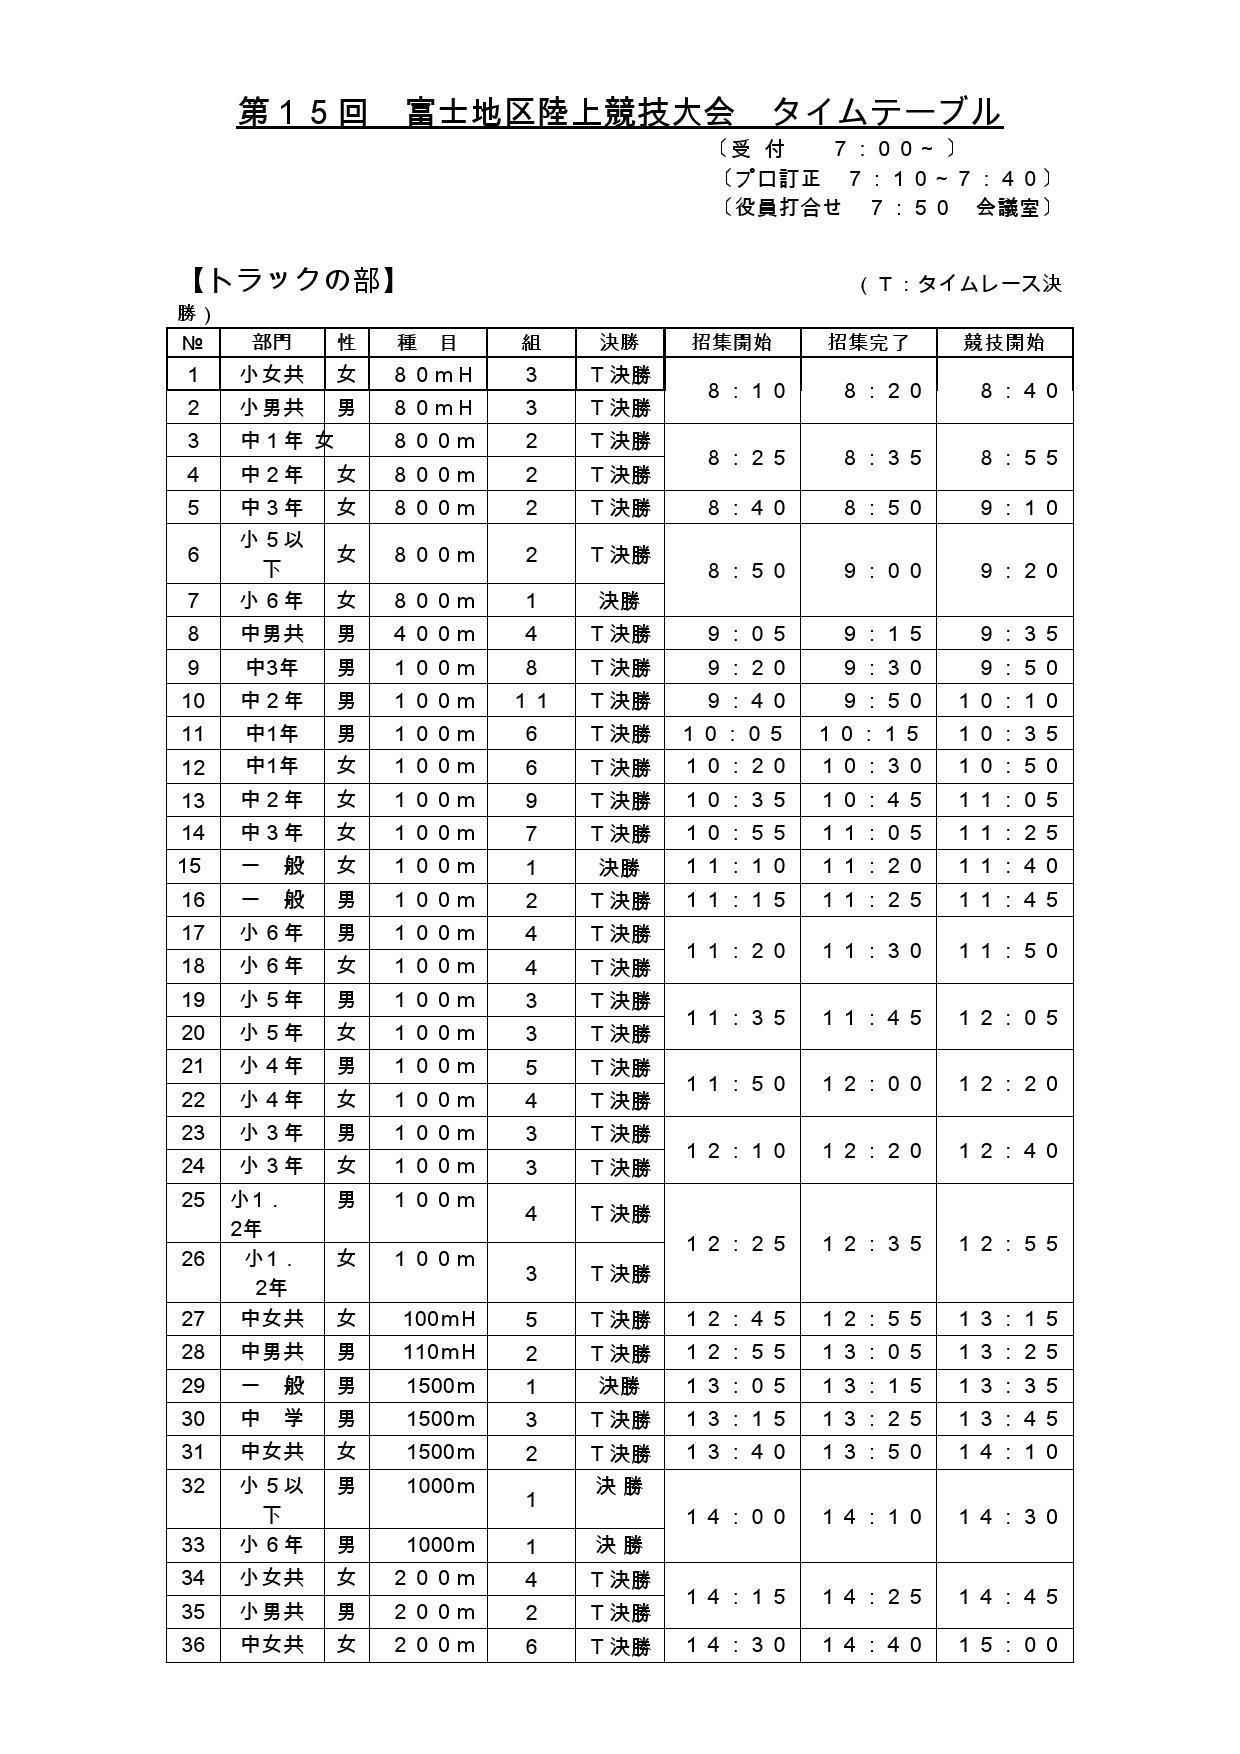 fujitiku TT0001